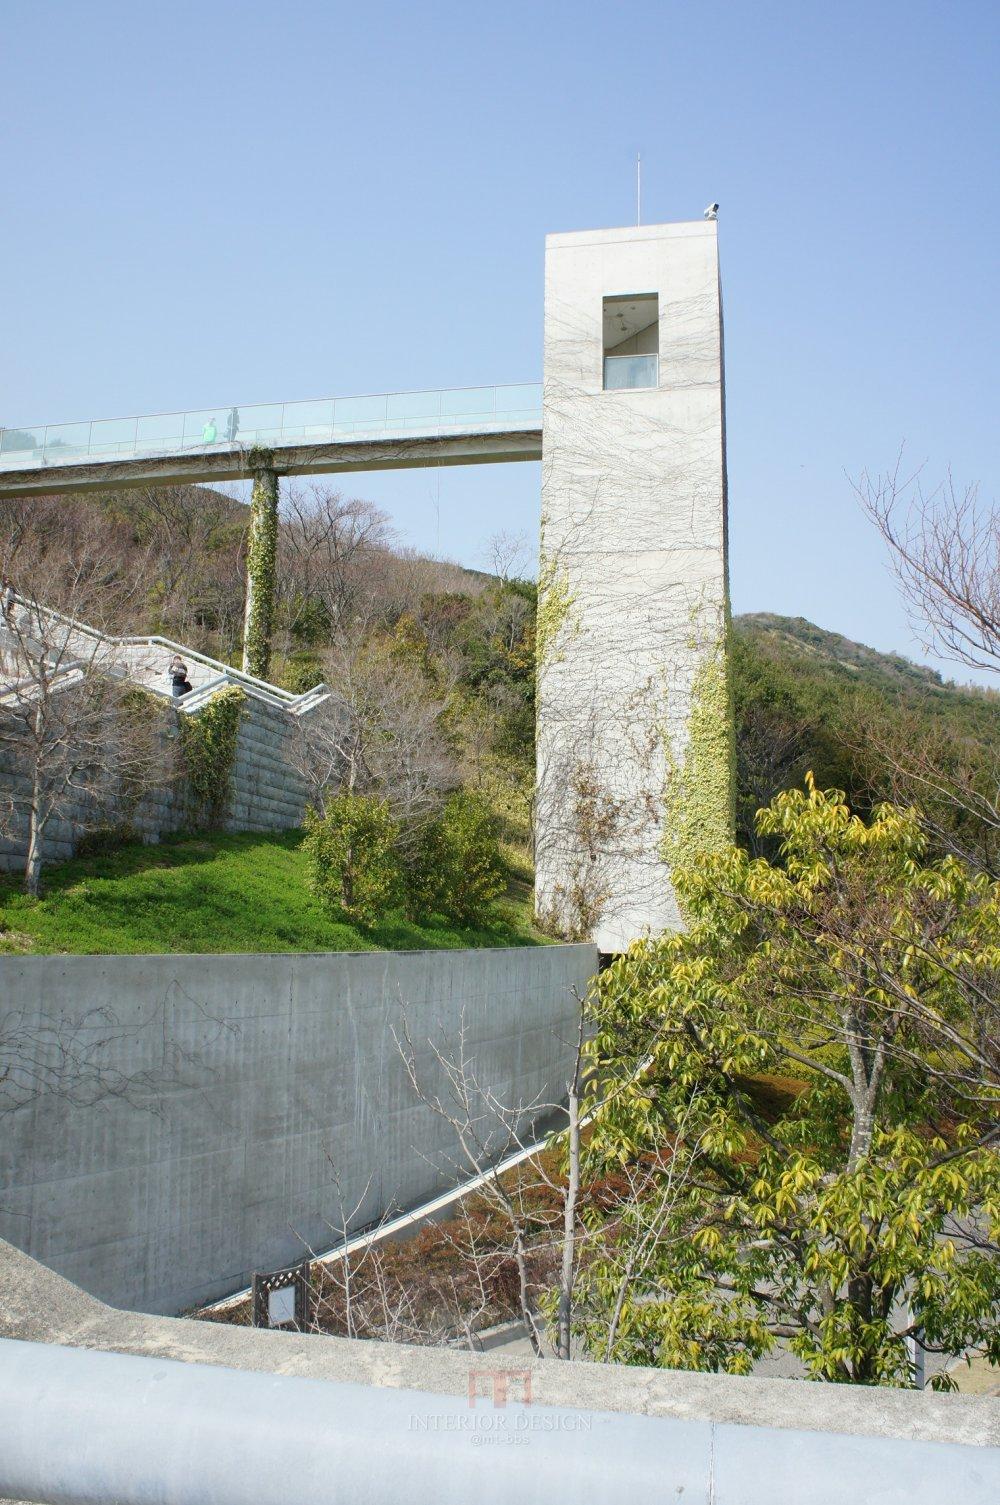 #伙伴一起看日本#  日本设计考察分享(更新美秀美术馆)_DSC05807.JPG